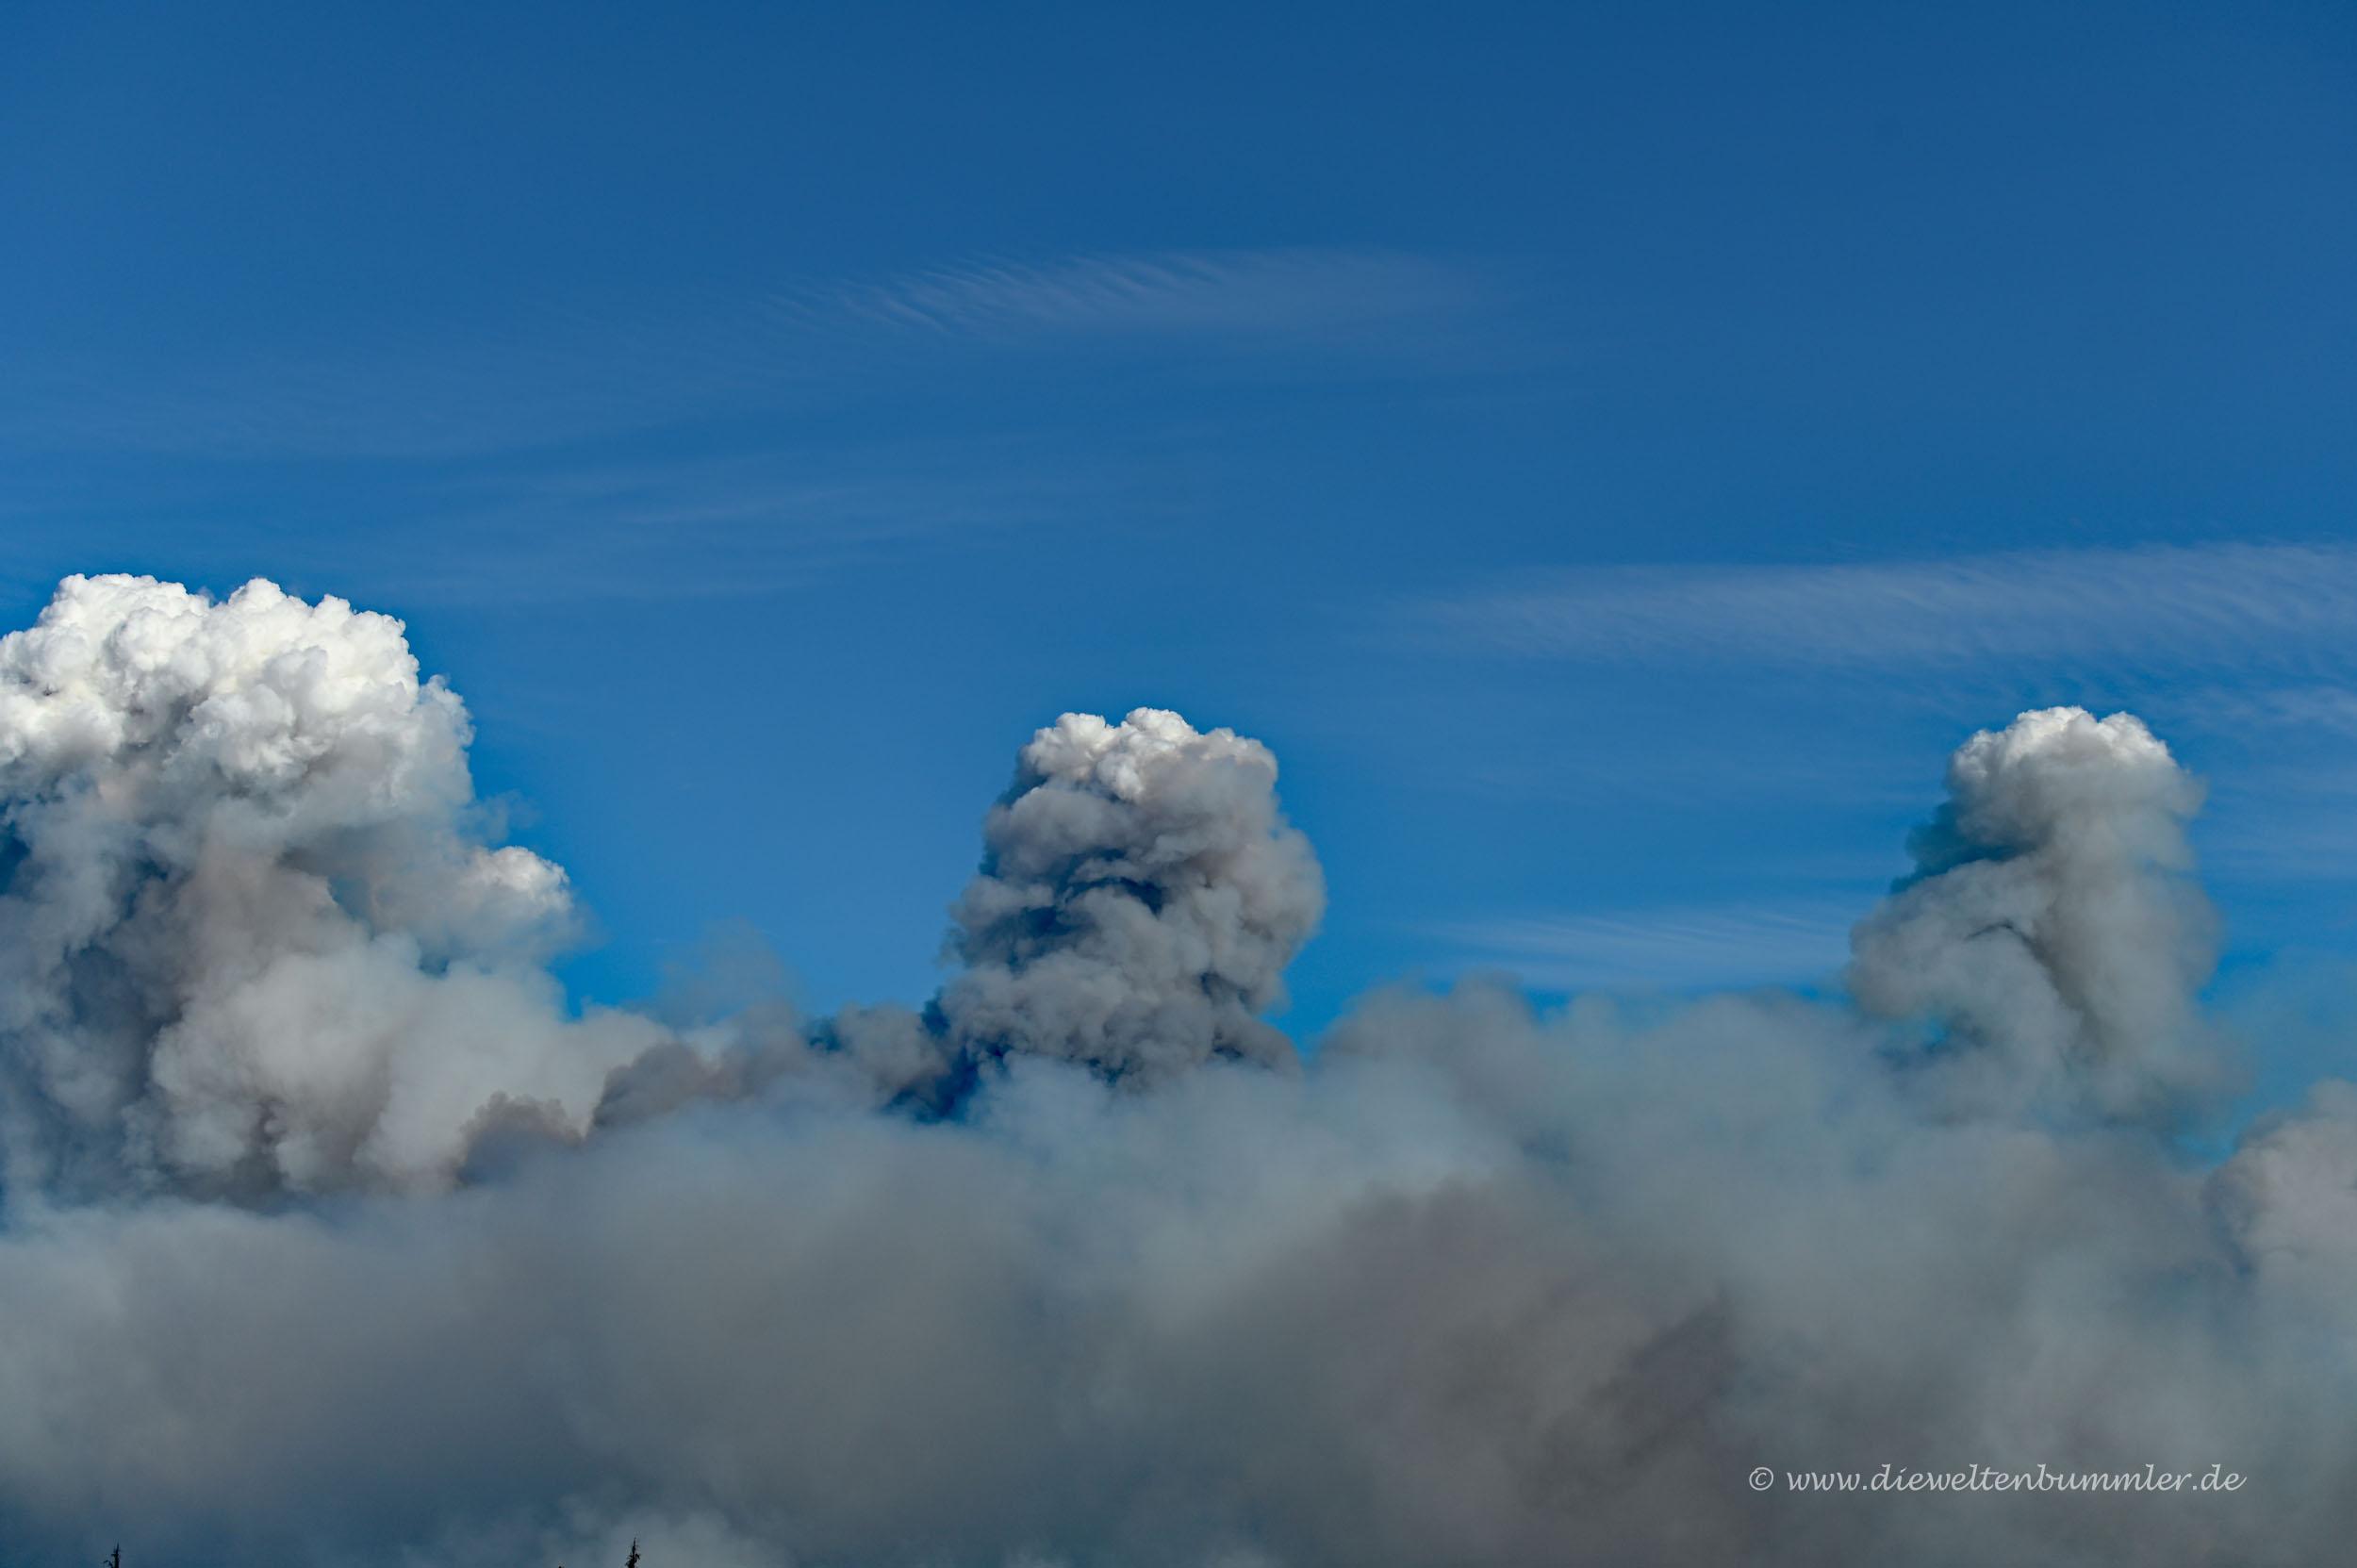 Rauchsäulen der Waldbrände